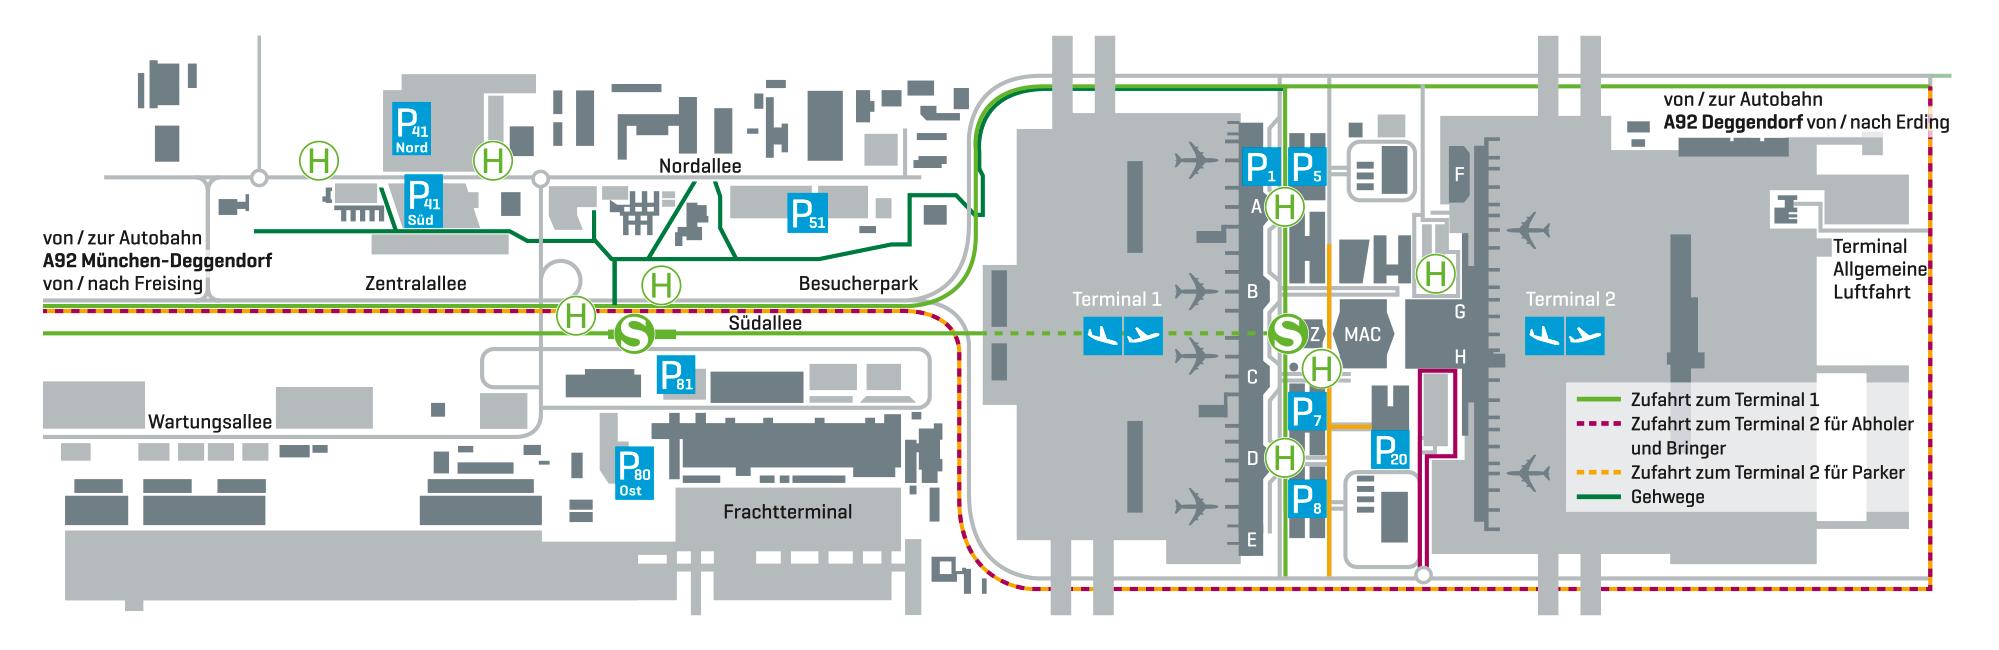 Flughafen München Parkplatzbuchung